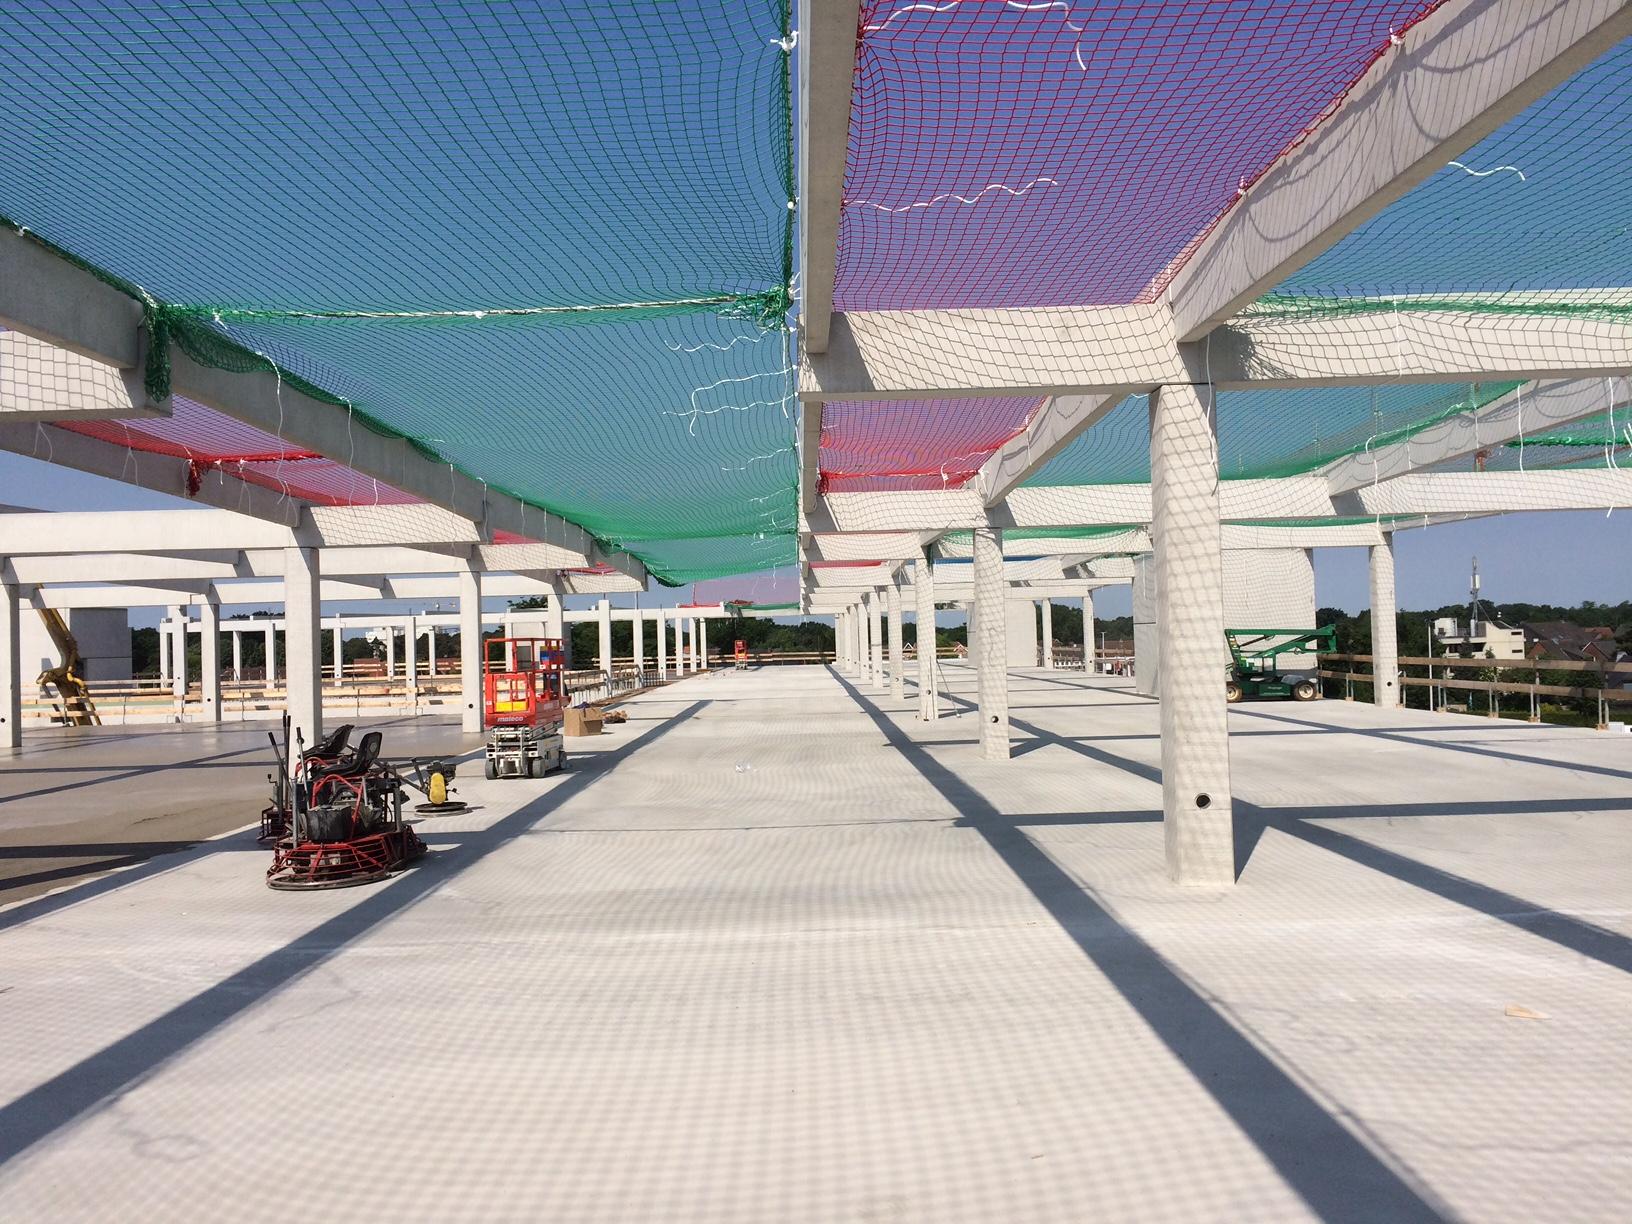 Auffangnetz zur Absicherung einer Stahlbetonkonstruktion im Rohbau